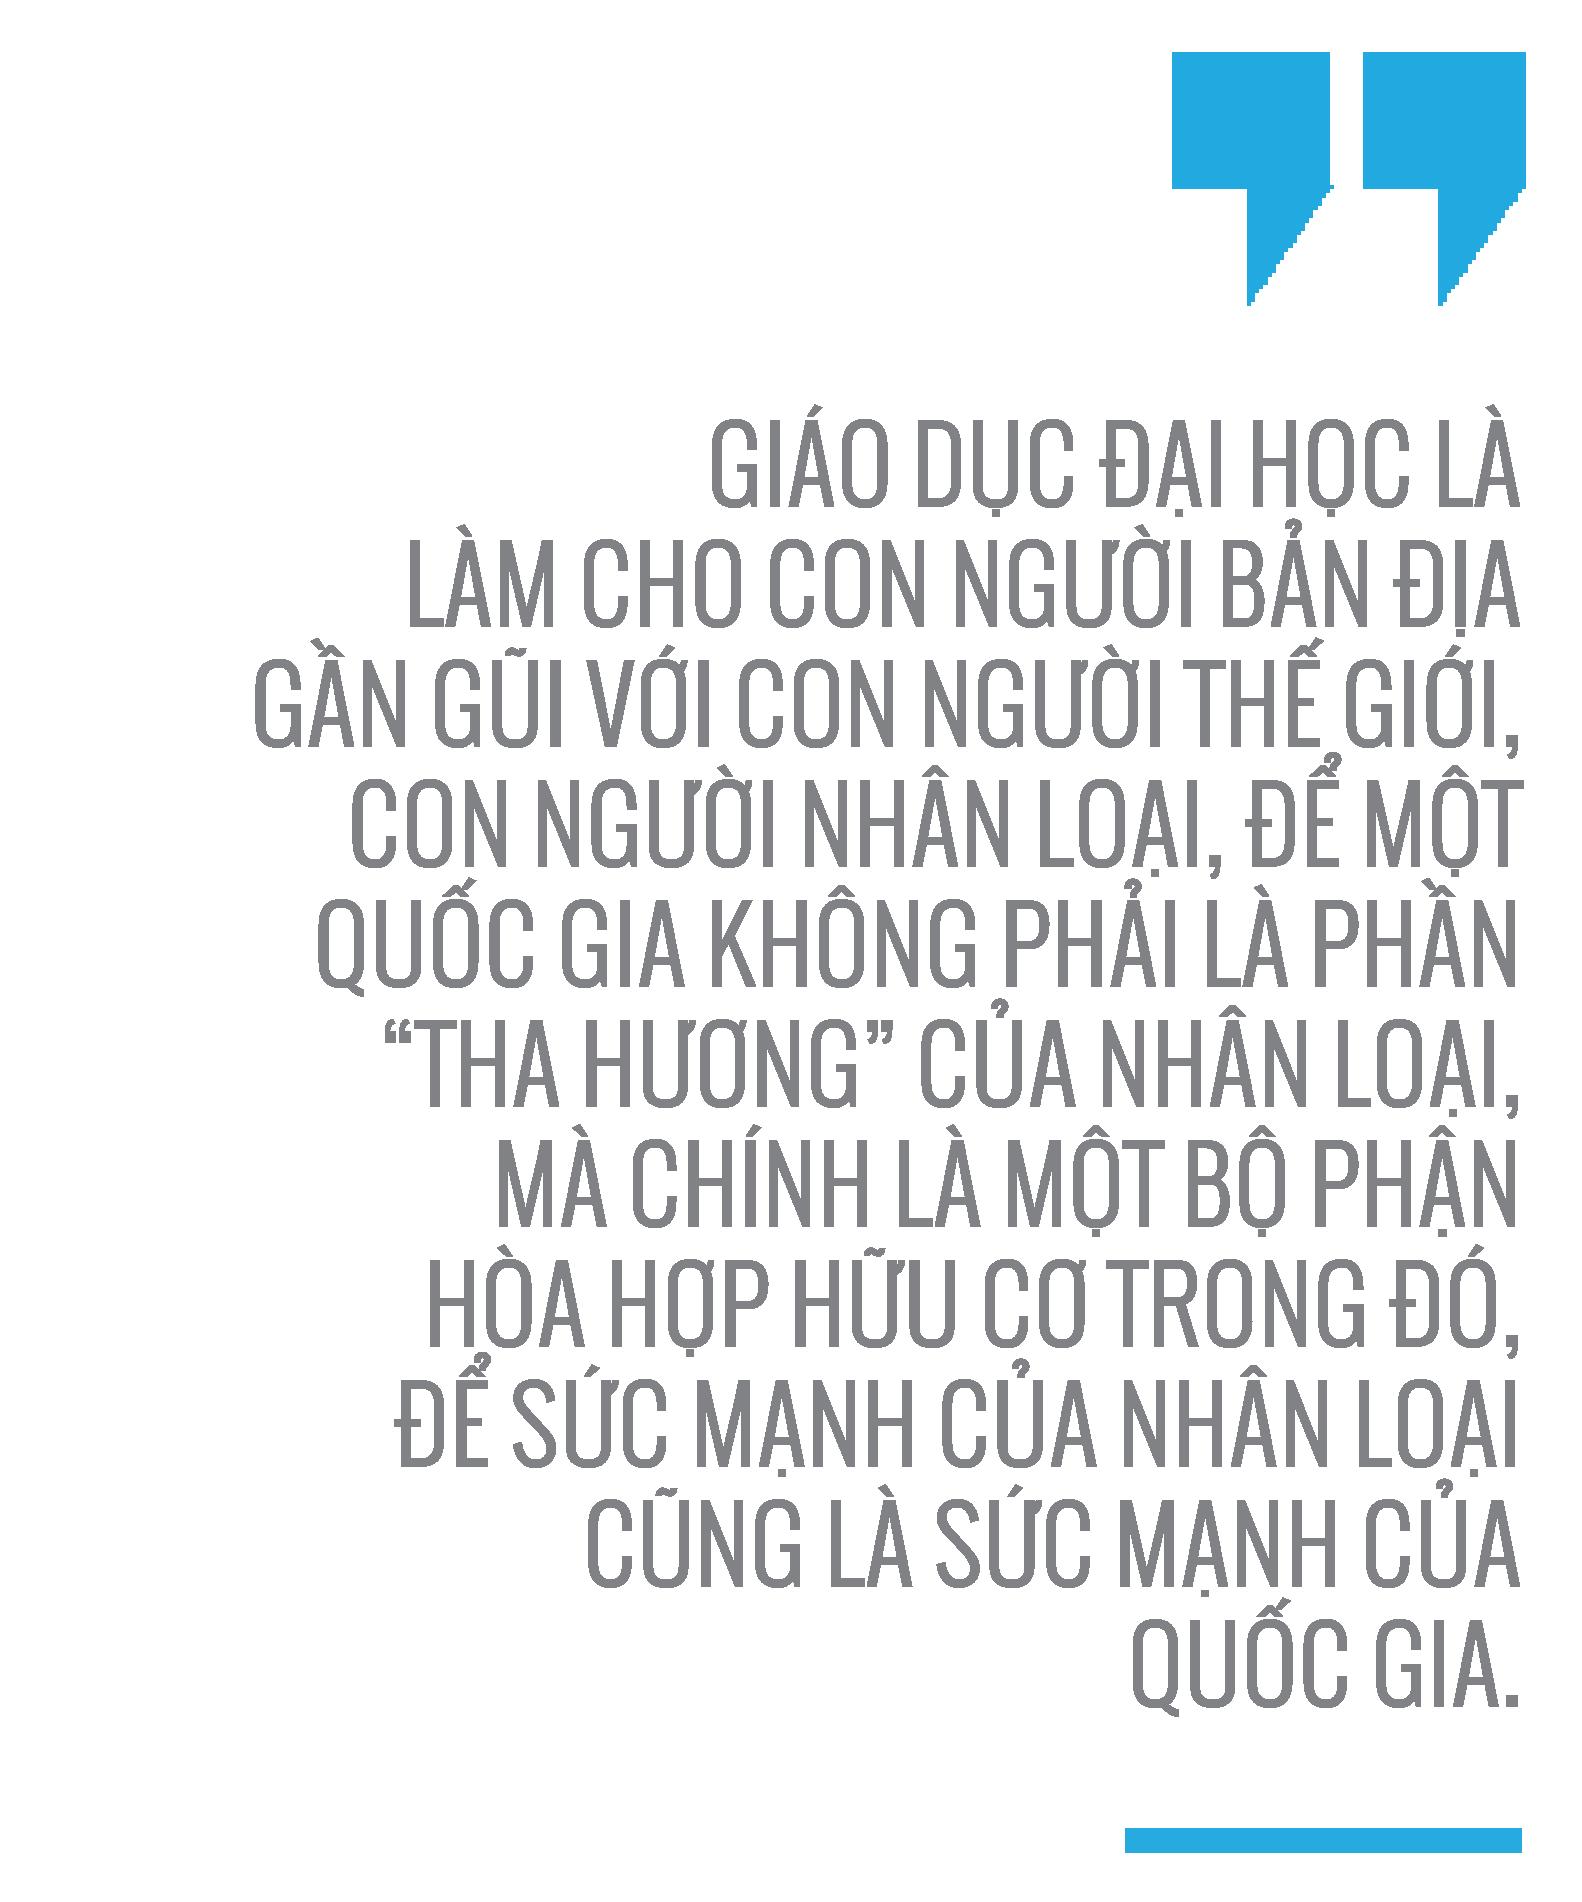 Tiến sĩ Nguyễn Xuân Xanh: Không thể có một quốc gia mạnh với các đại học yếu -5